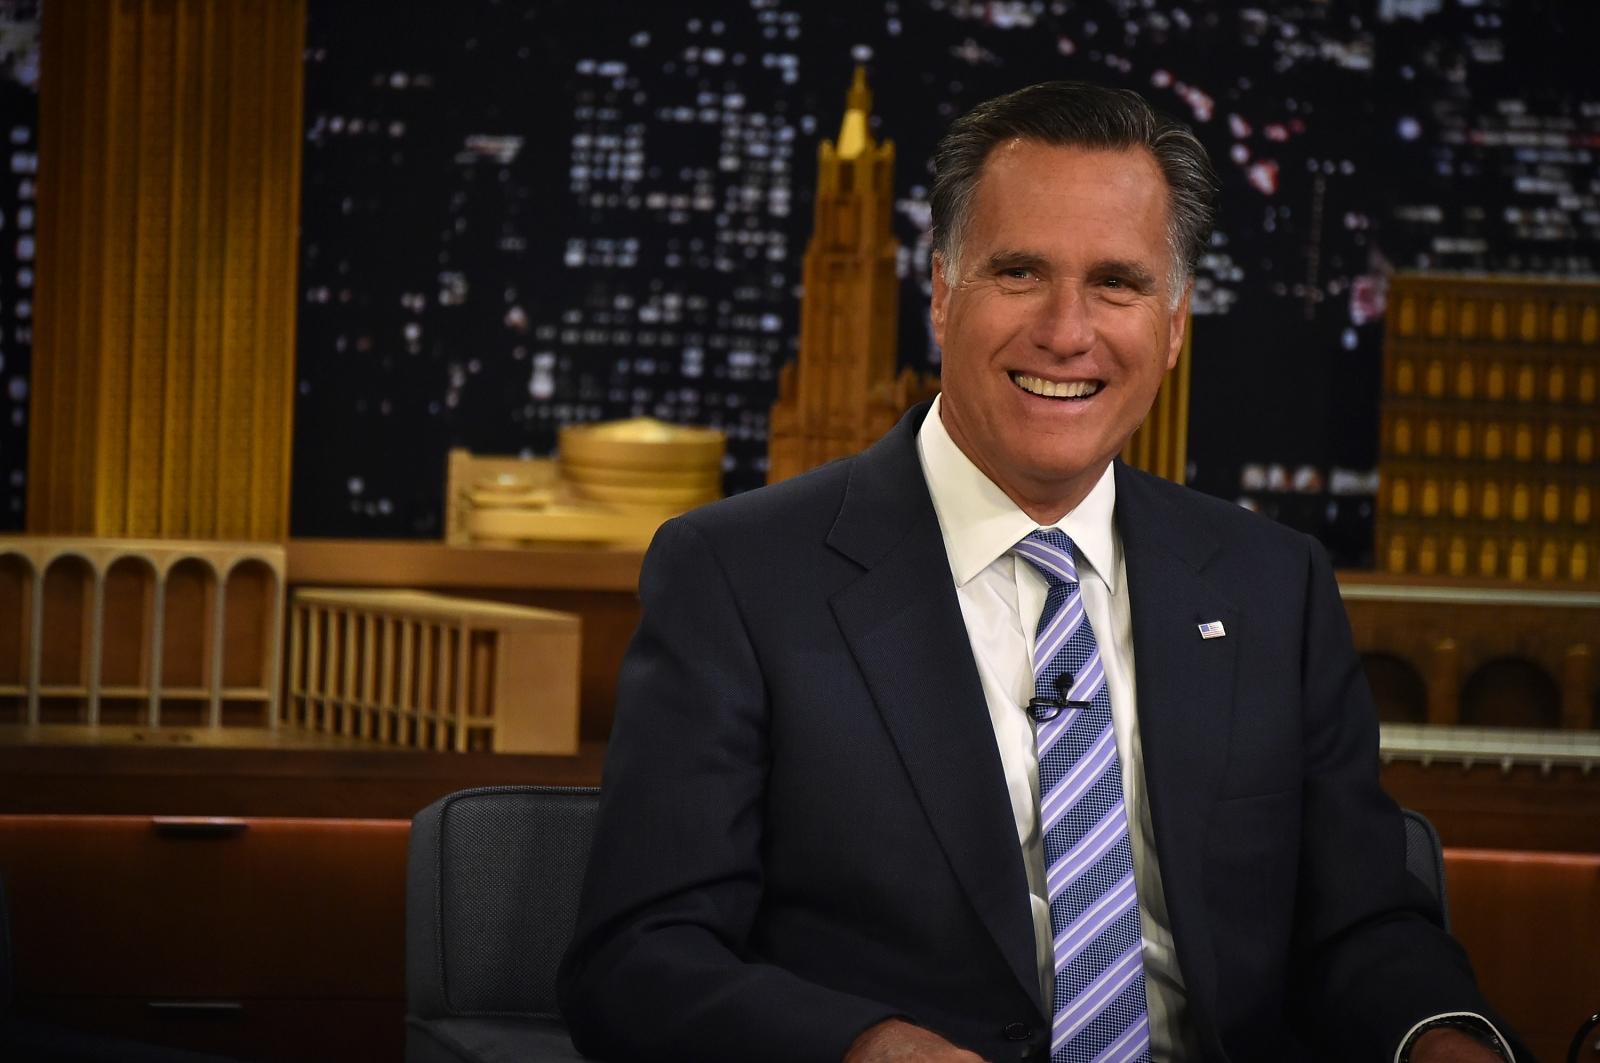 Mitt Romney on The Tonight Show